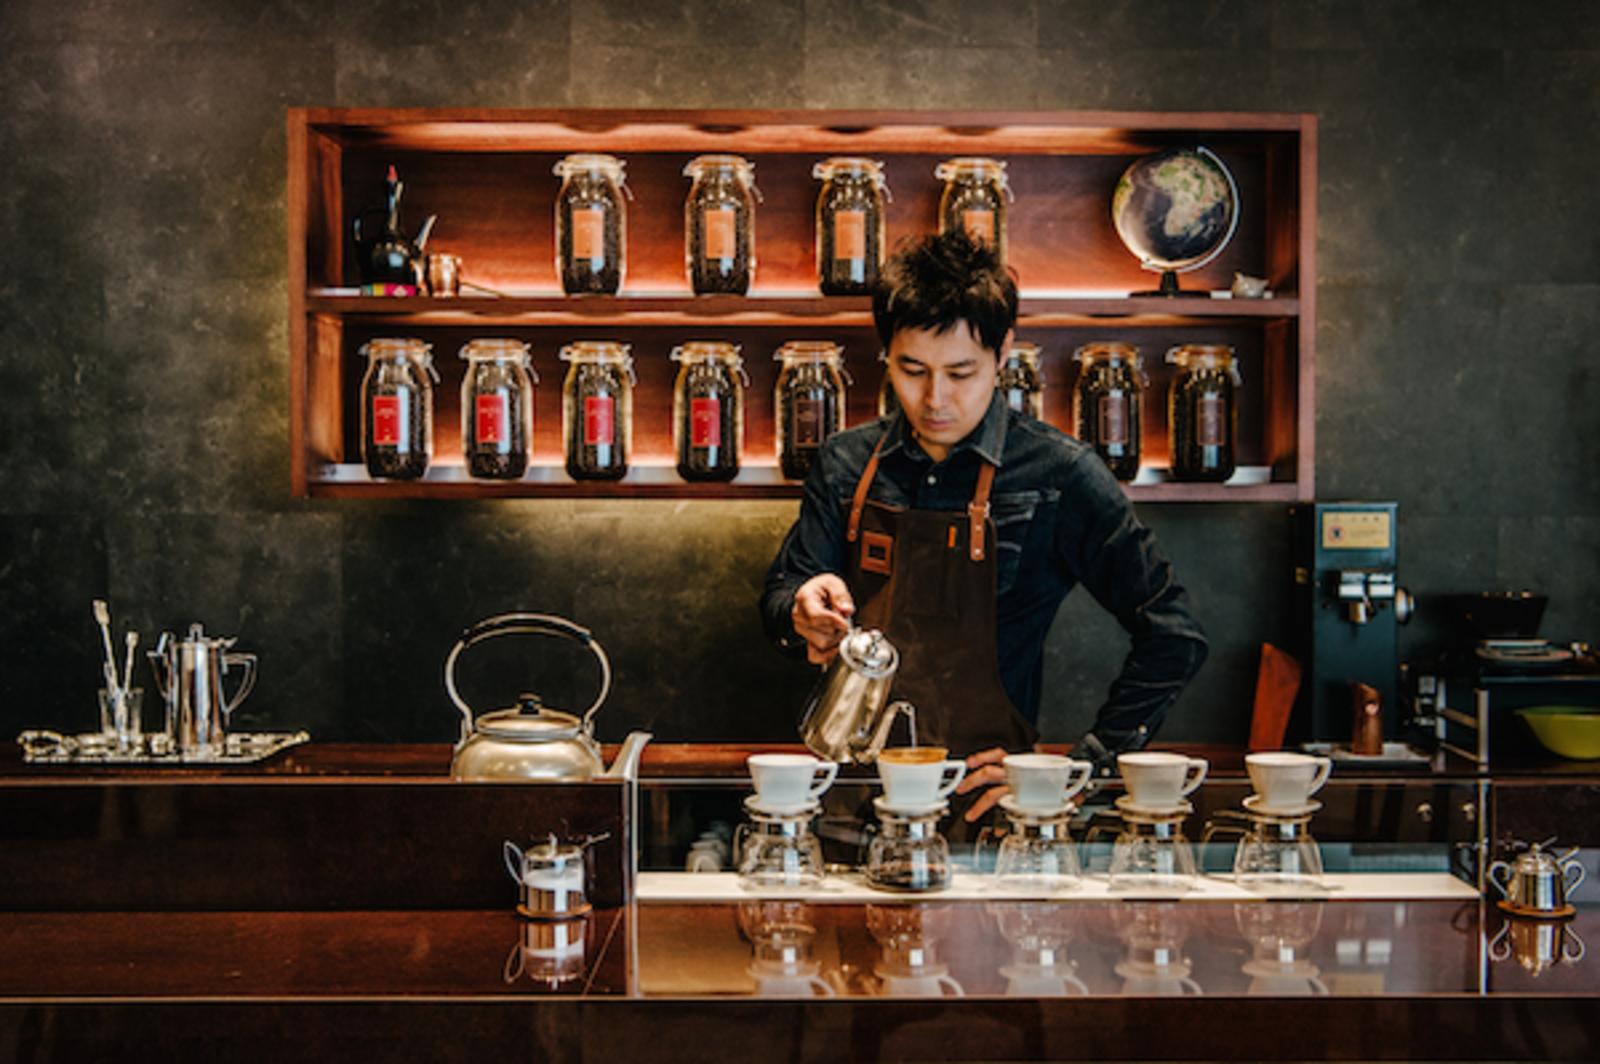 世界一の焙煎士・後藤直紀氏に教わるアウトドアコーヒーの楽しみ方